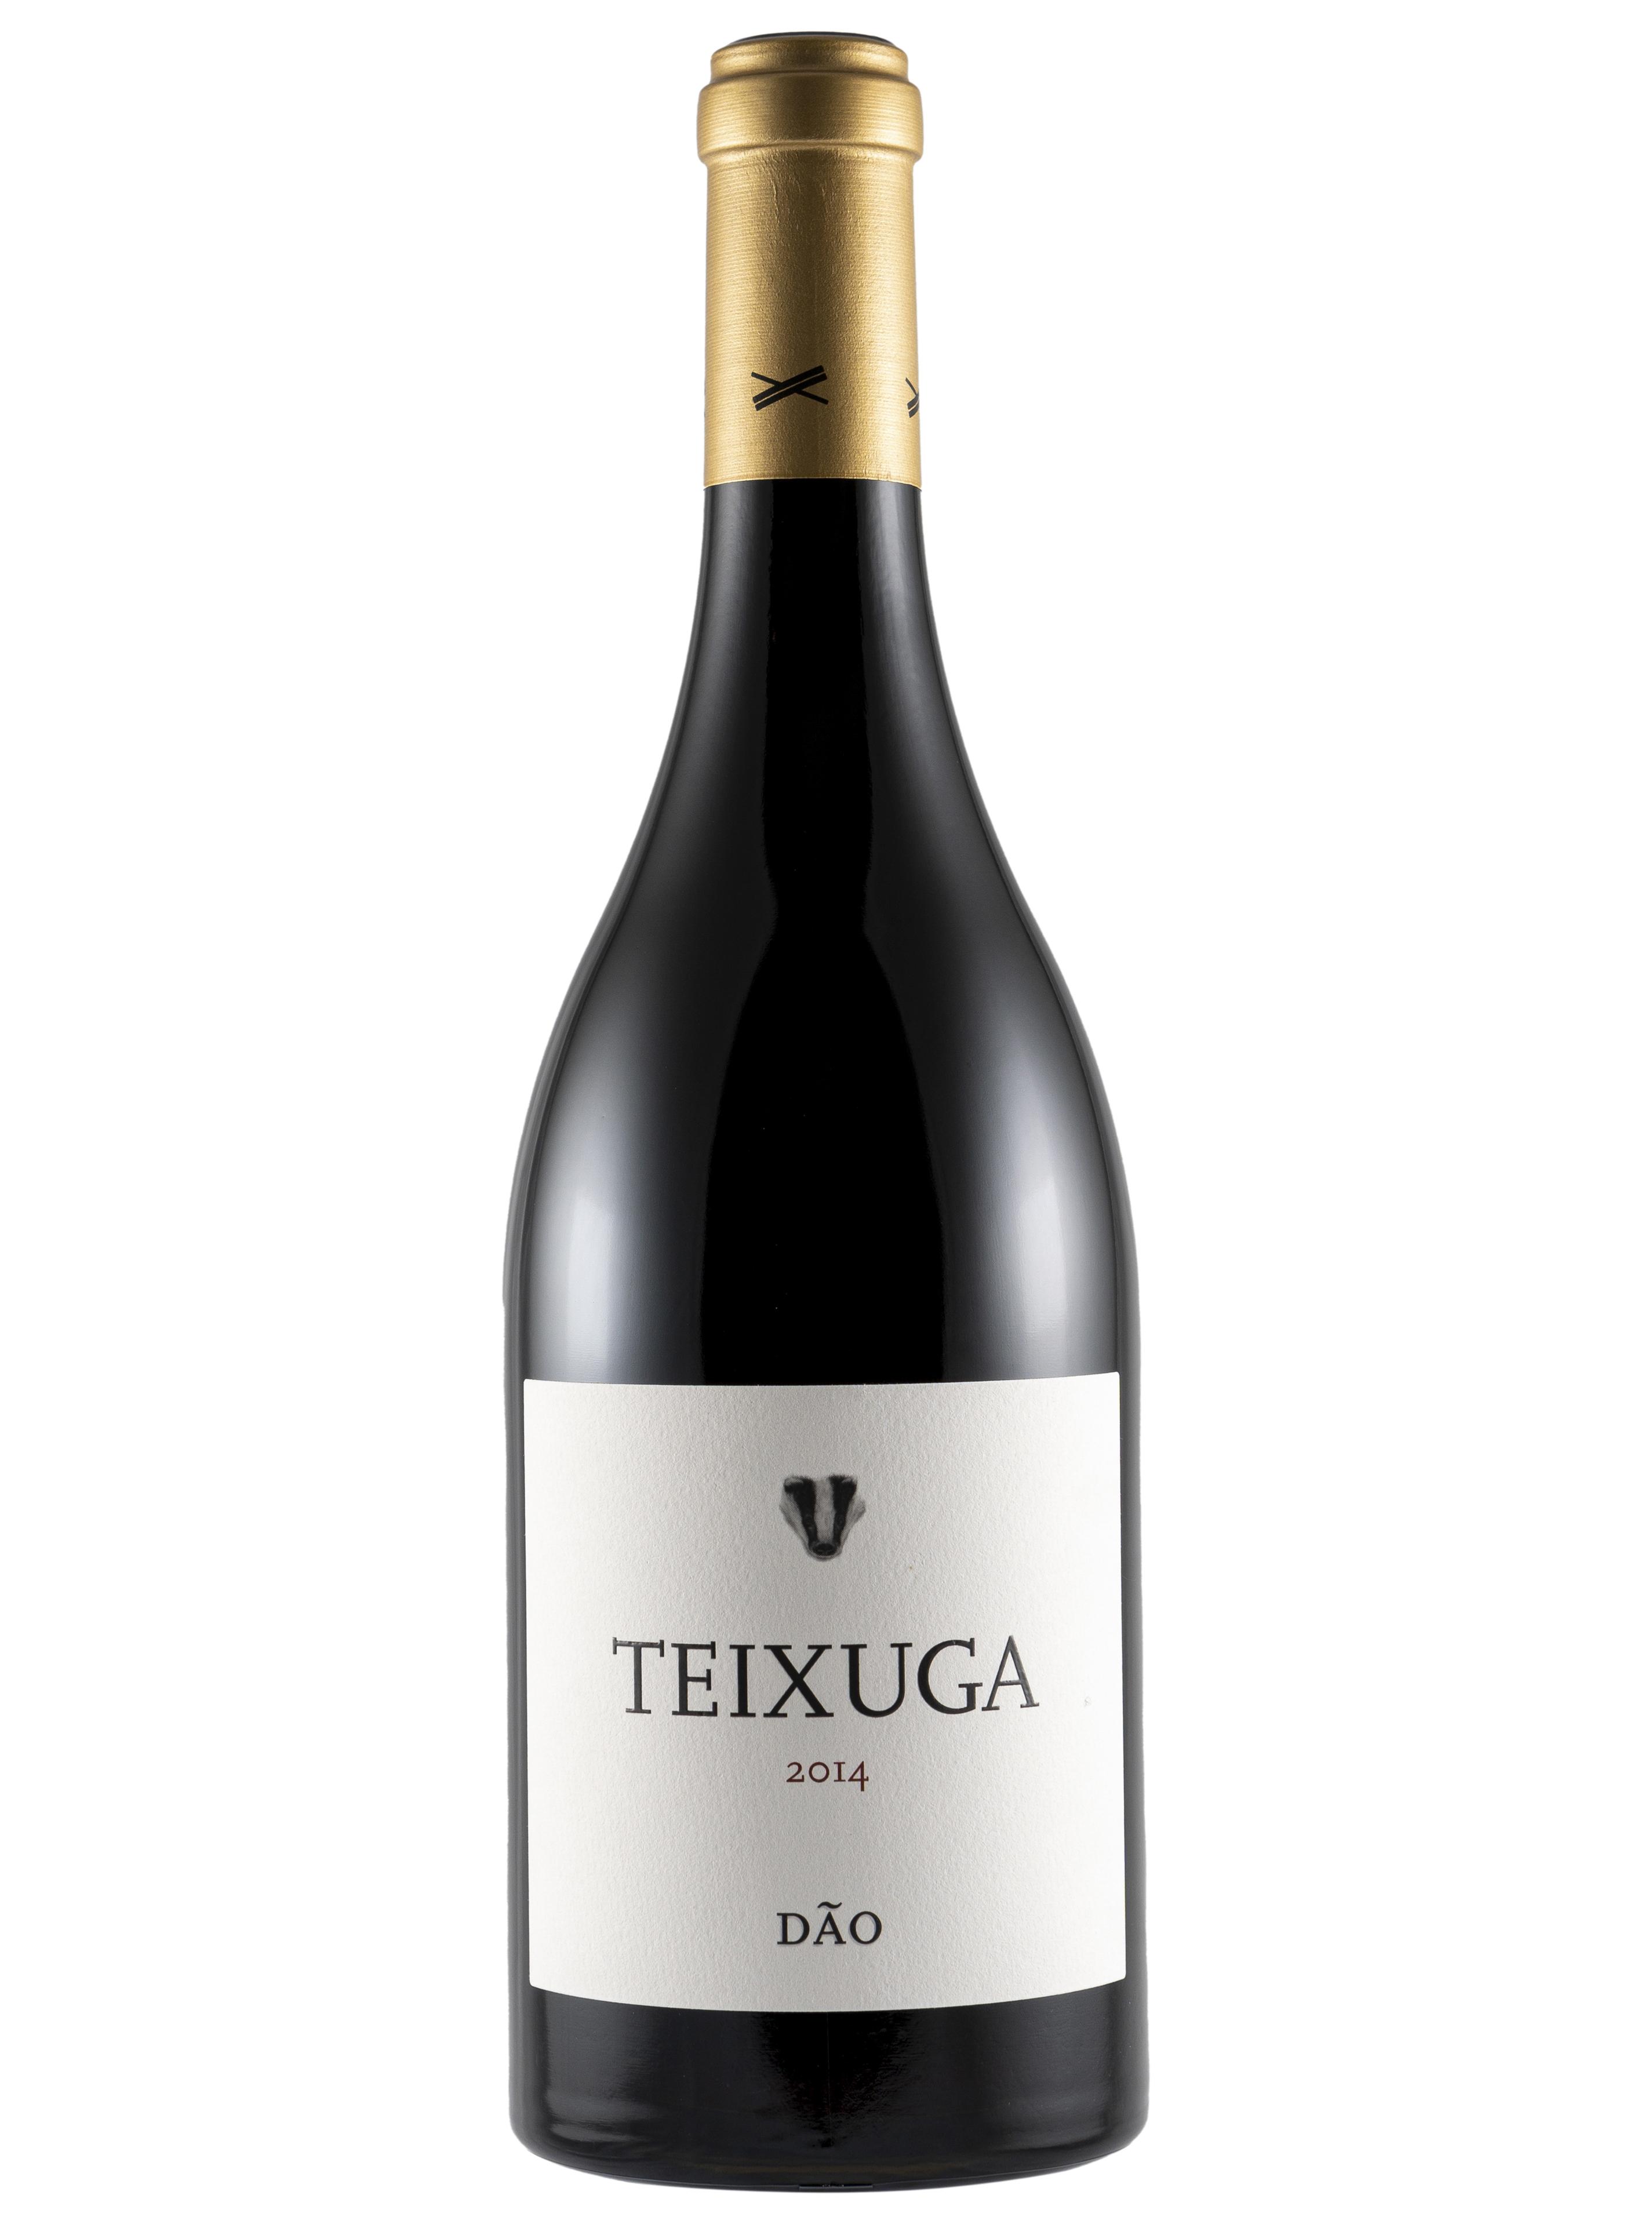 Teixuga 2014